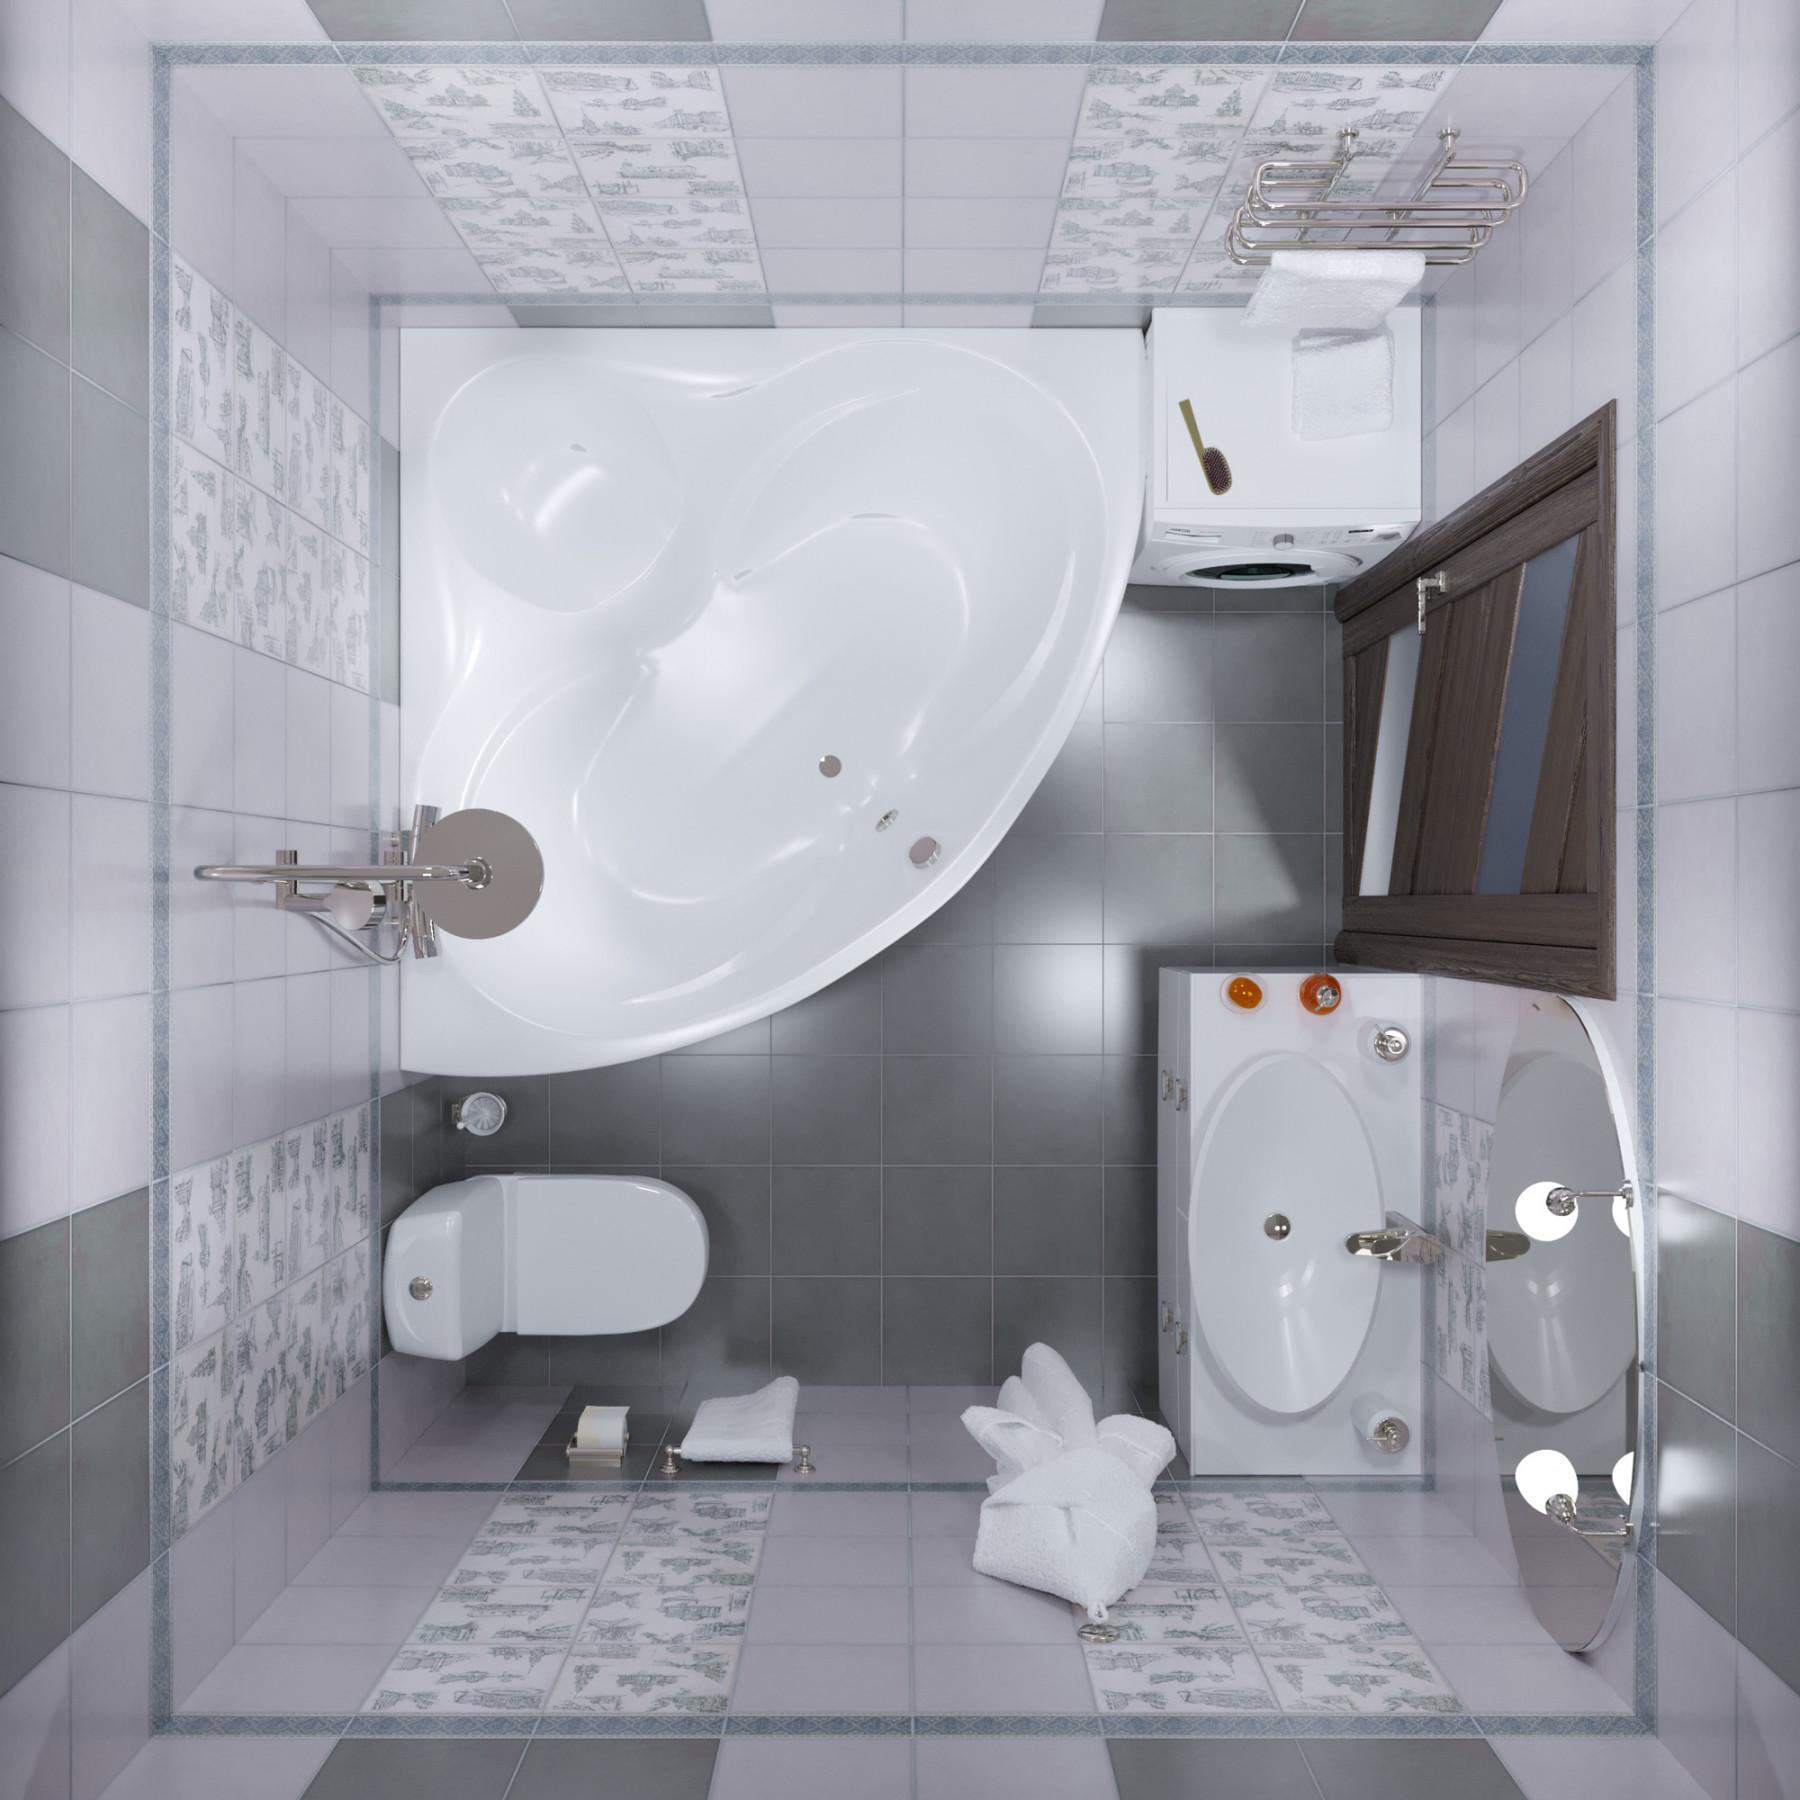 Акриловая ванна Triton Сабина 160x160